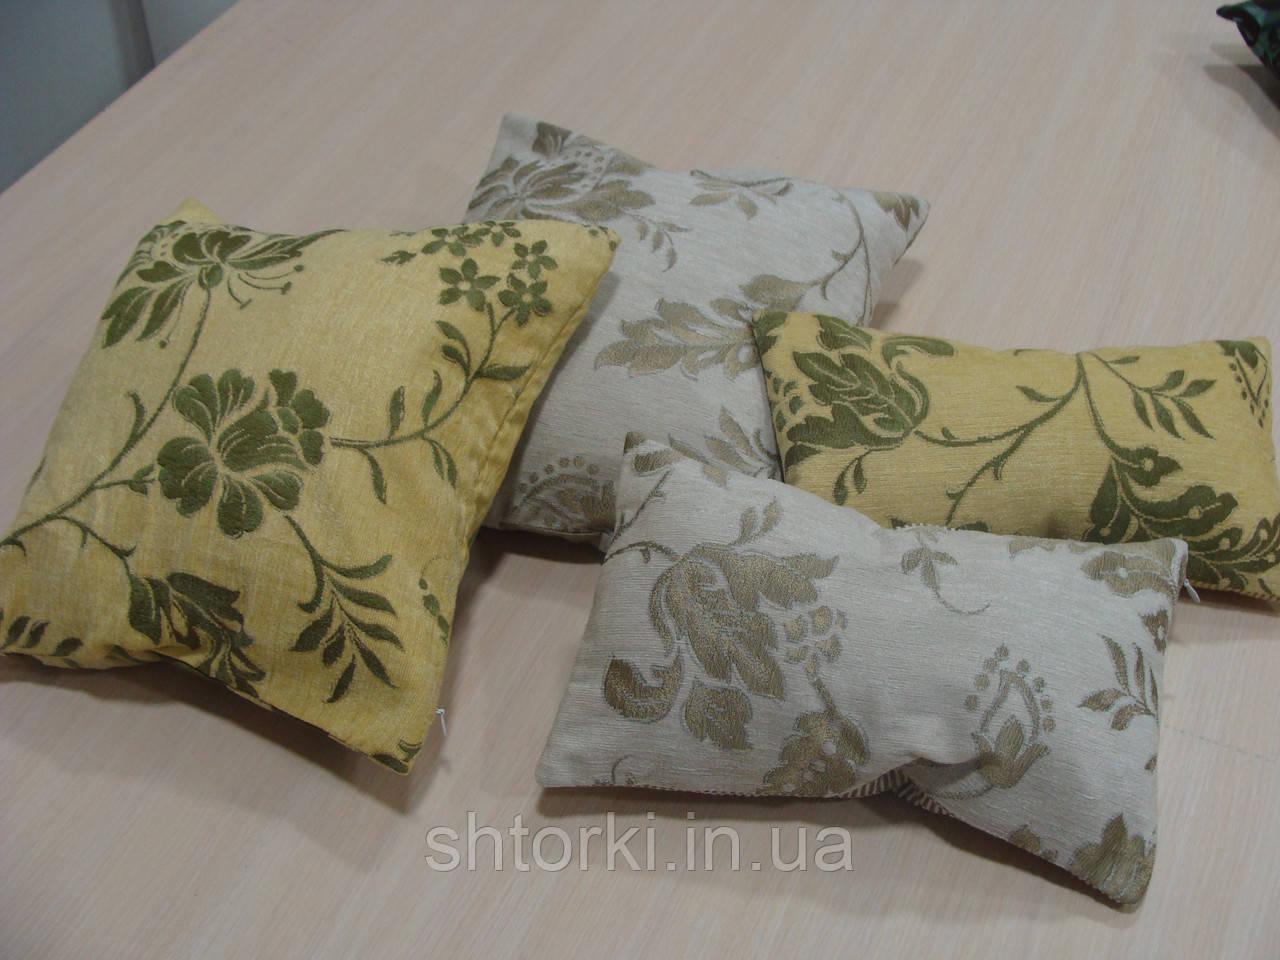 Комплект подушек  беж оливка зелень, 4шт